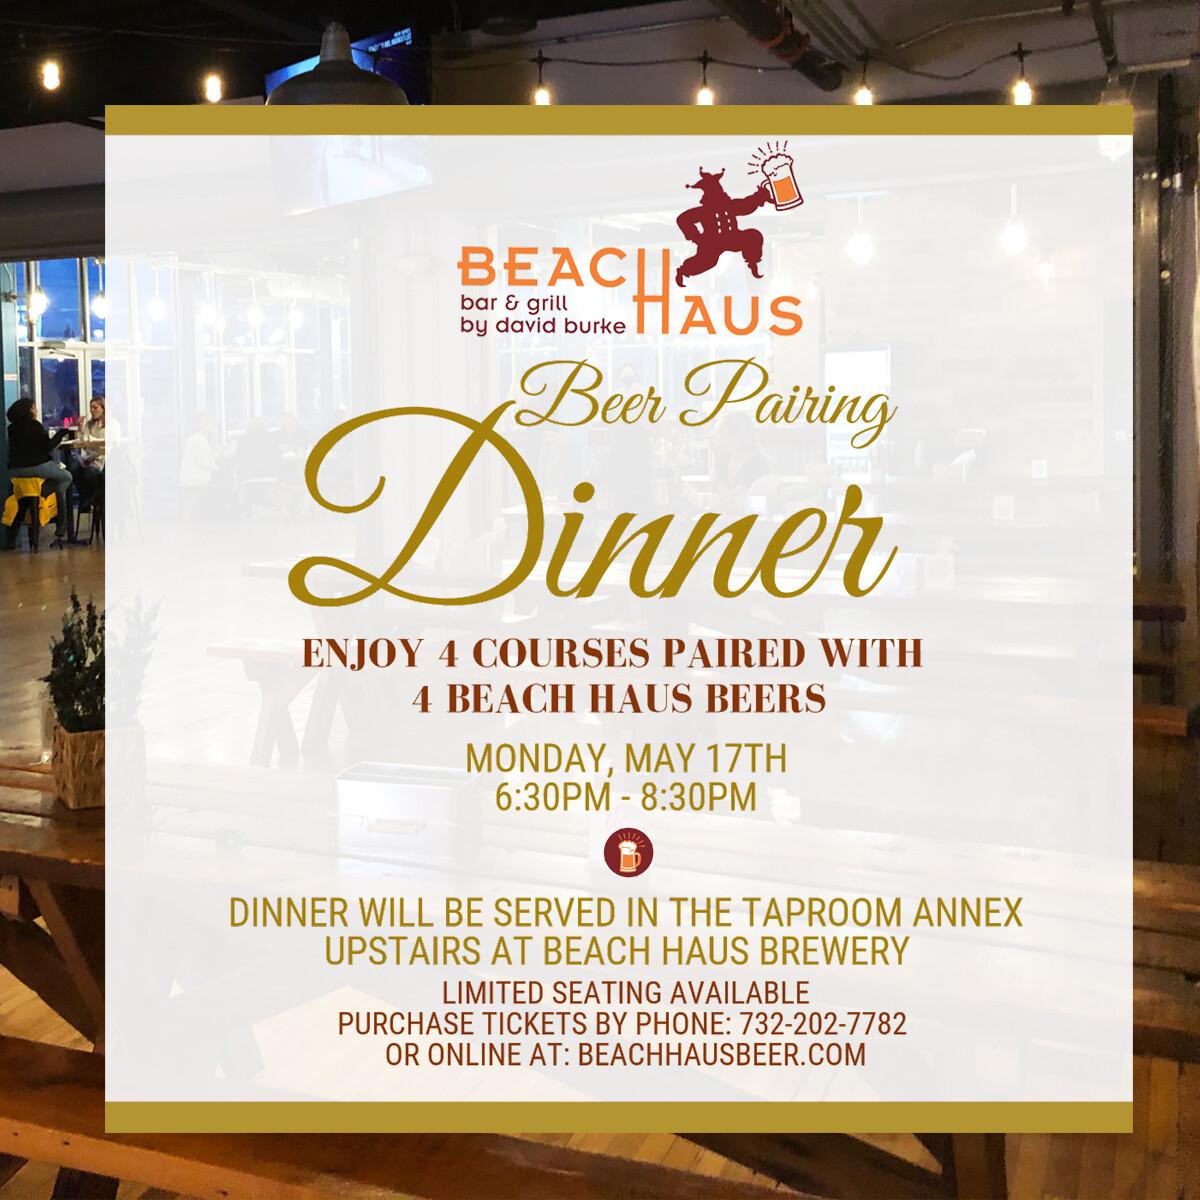 Beer Pairing Dinner Ticket - May 17, 2021